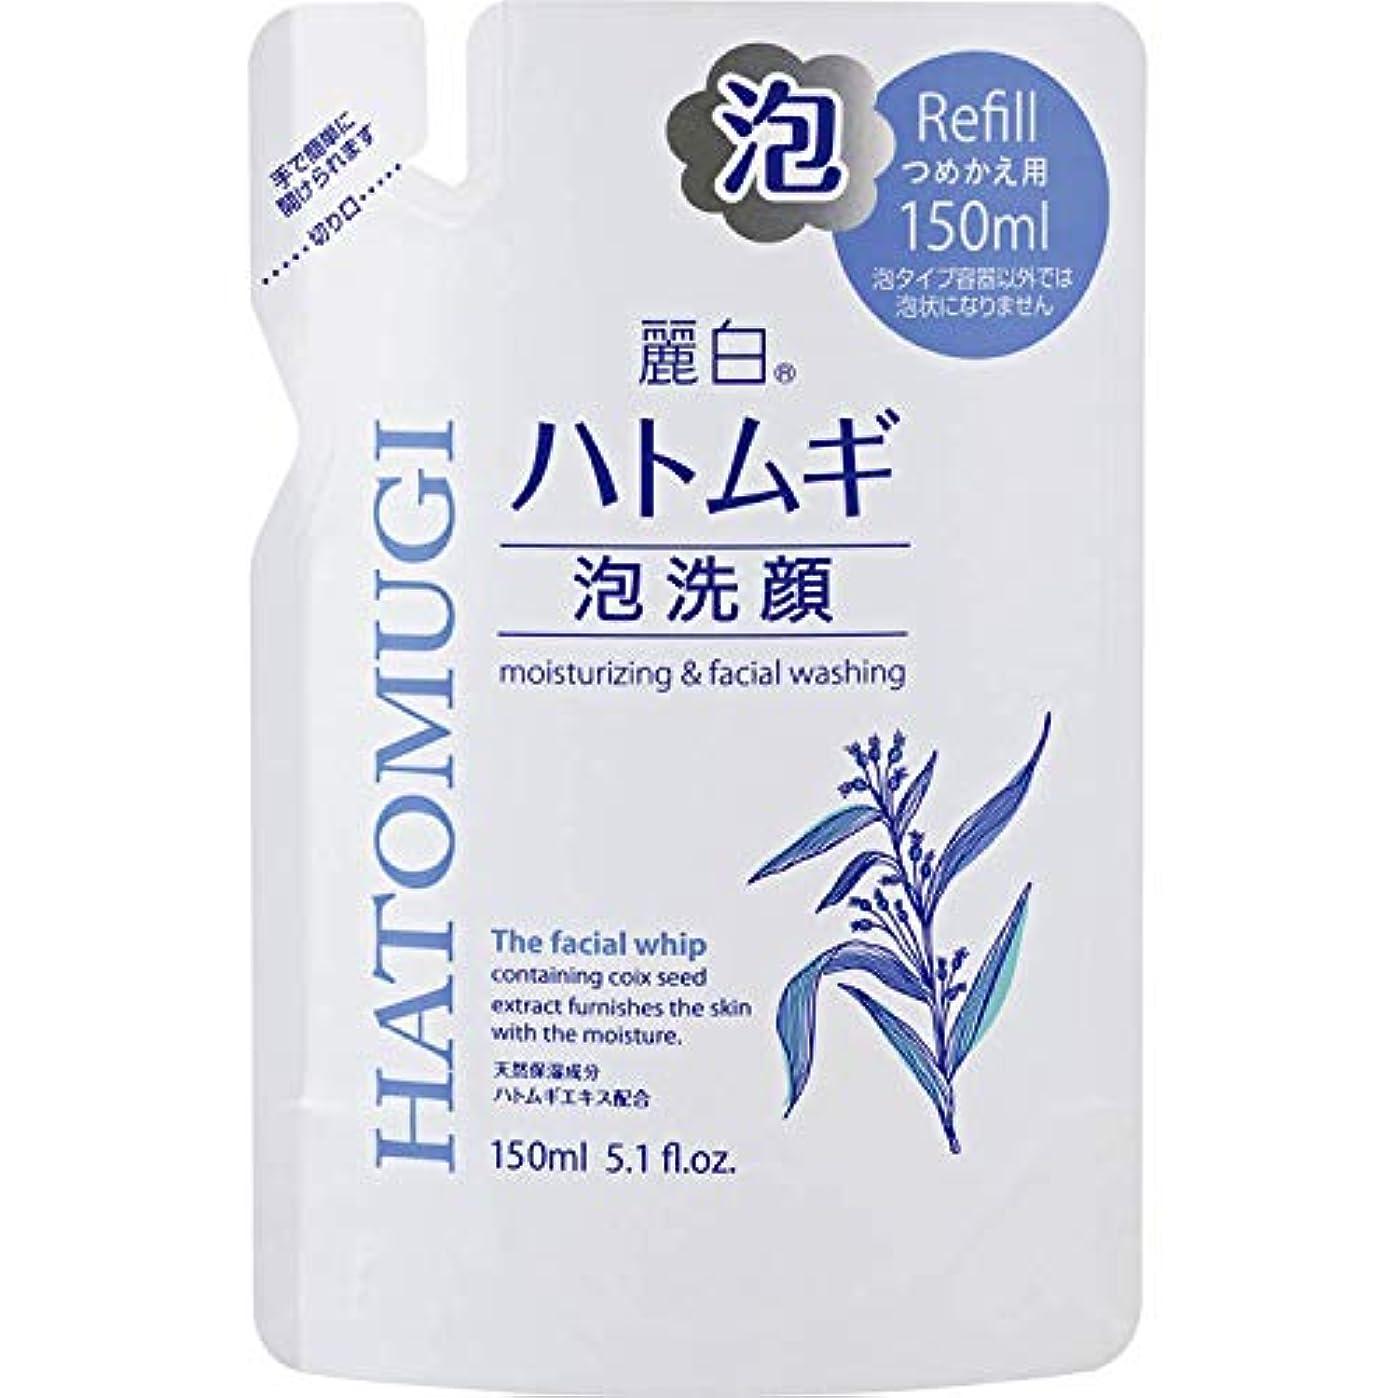 化合物ブルーベル検出可能麗白 ハトムギ 泡洗顔 詰替用 150mL